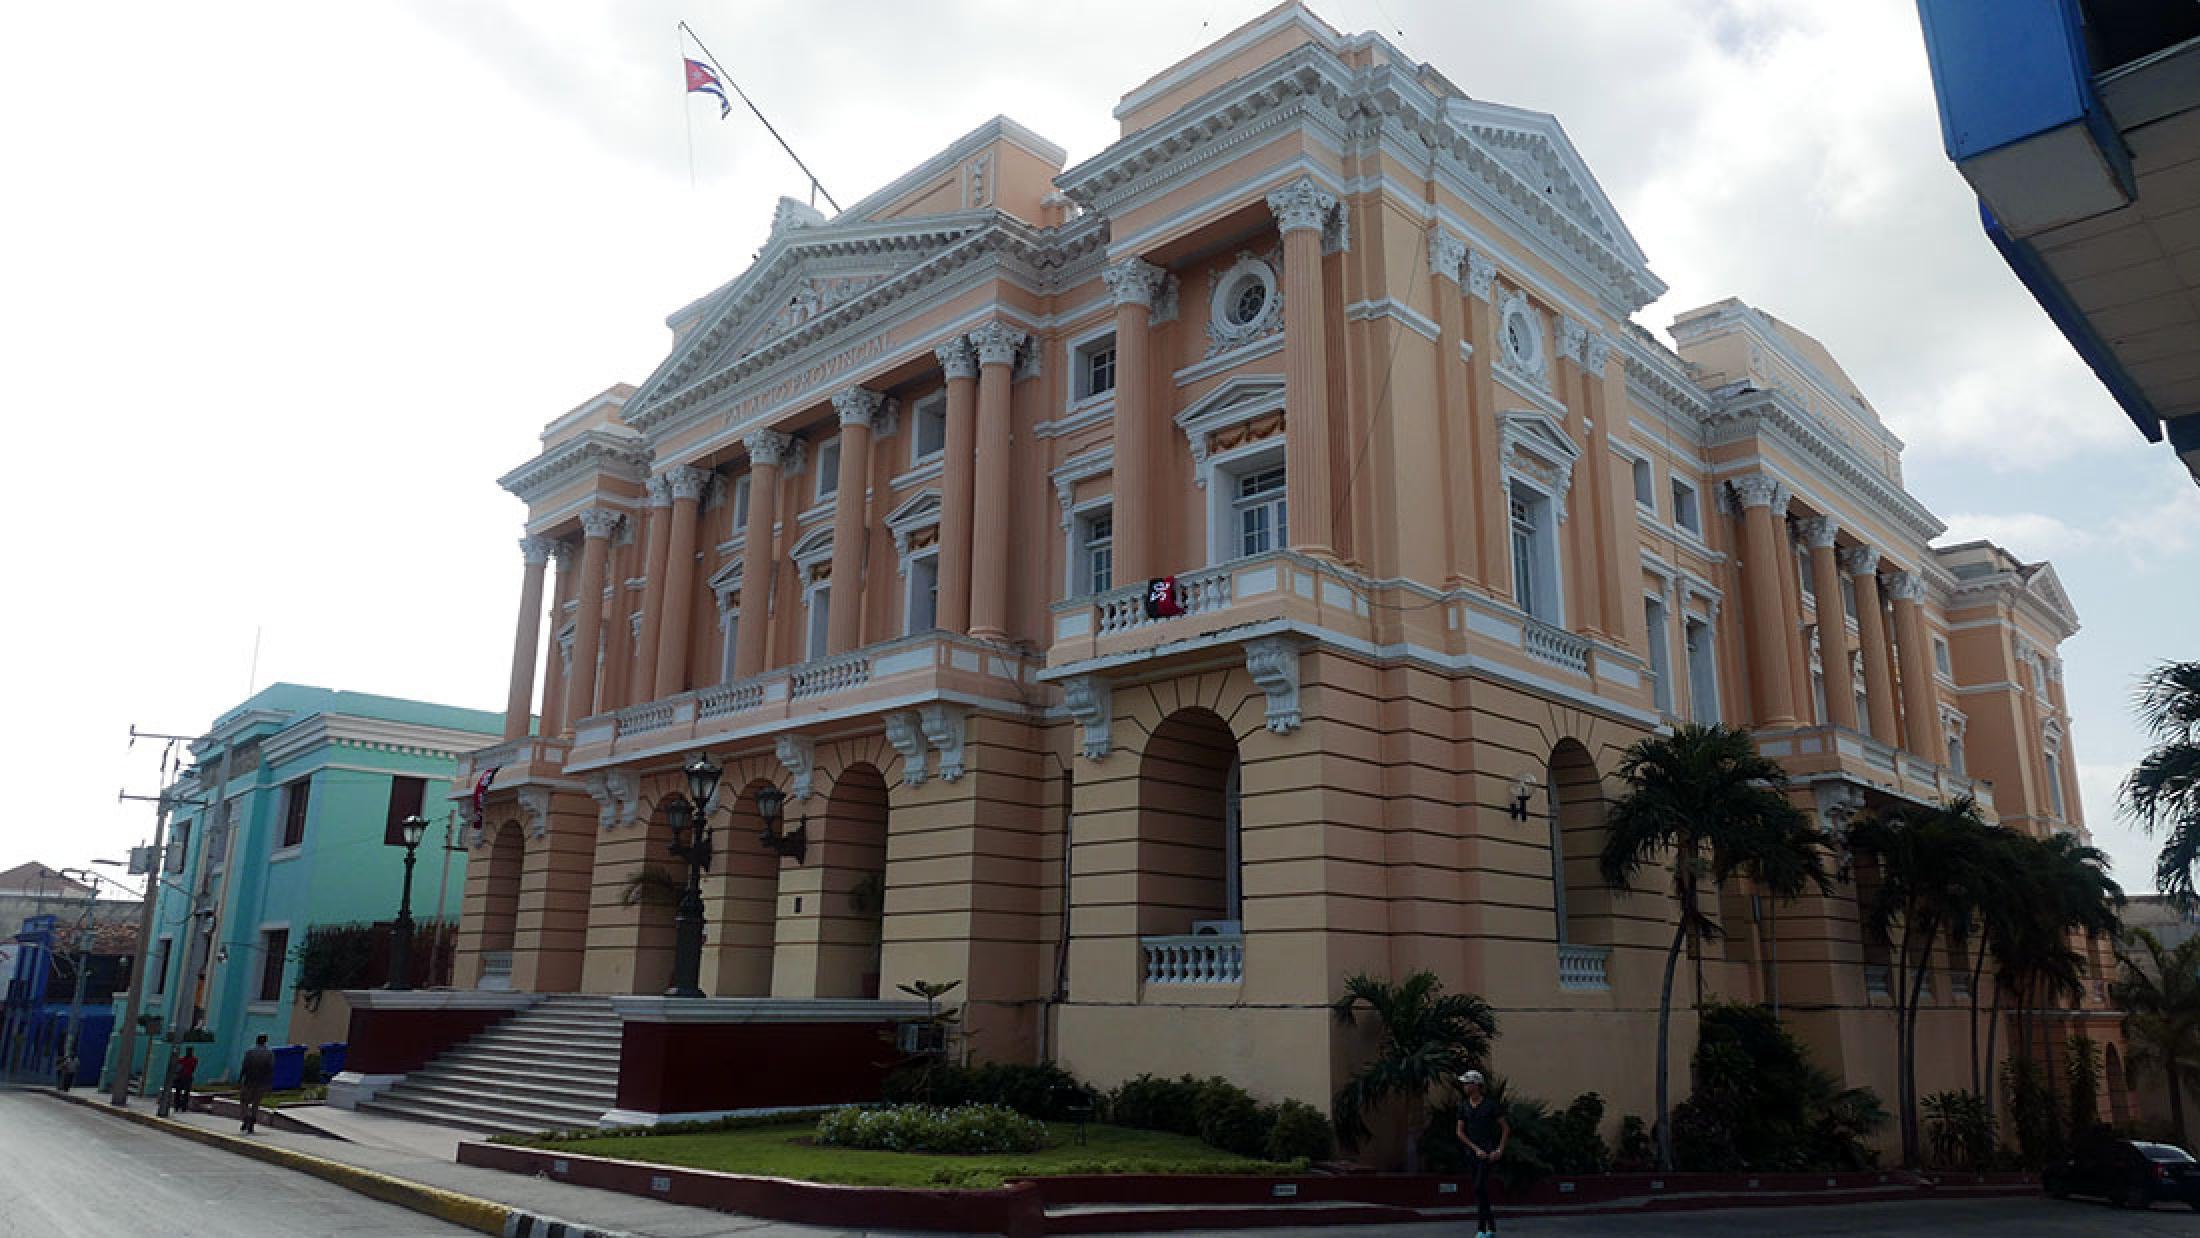 Excursion to Santiago de Cuba